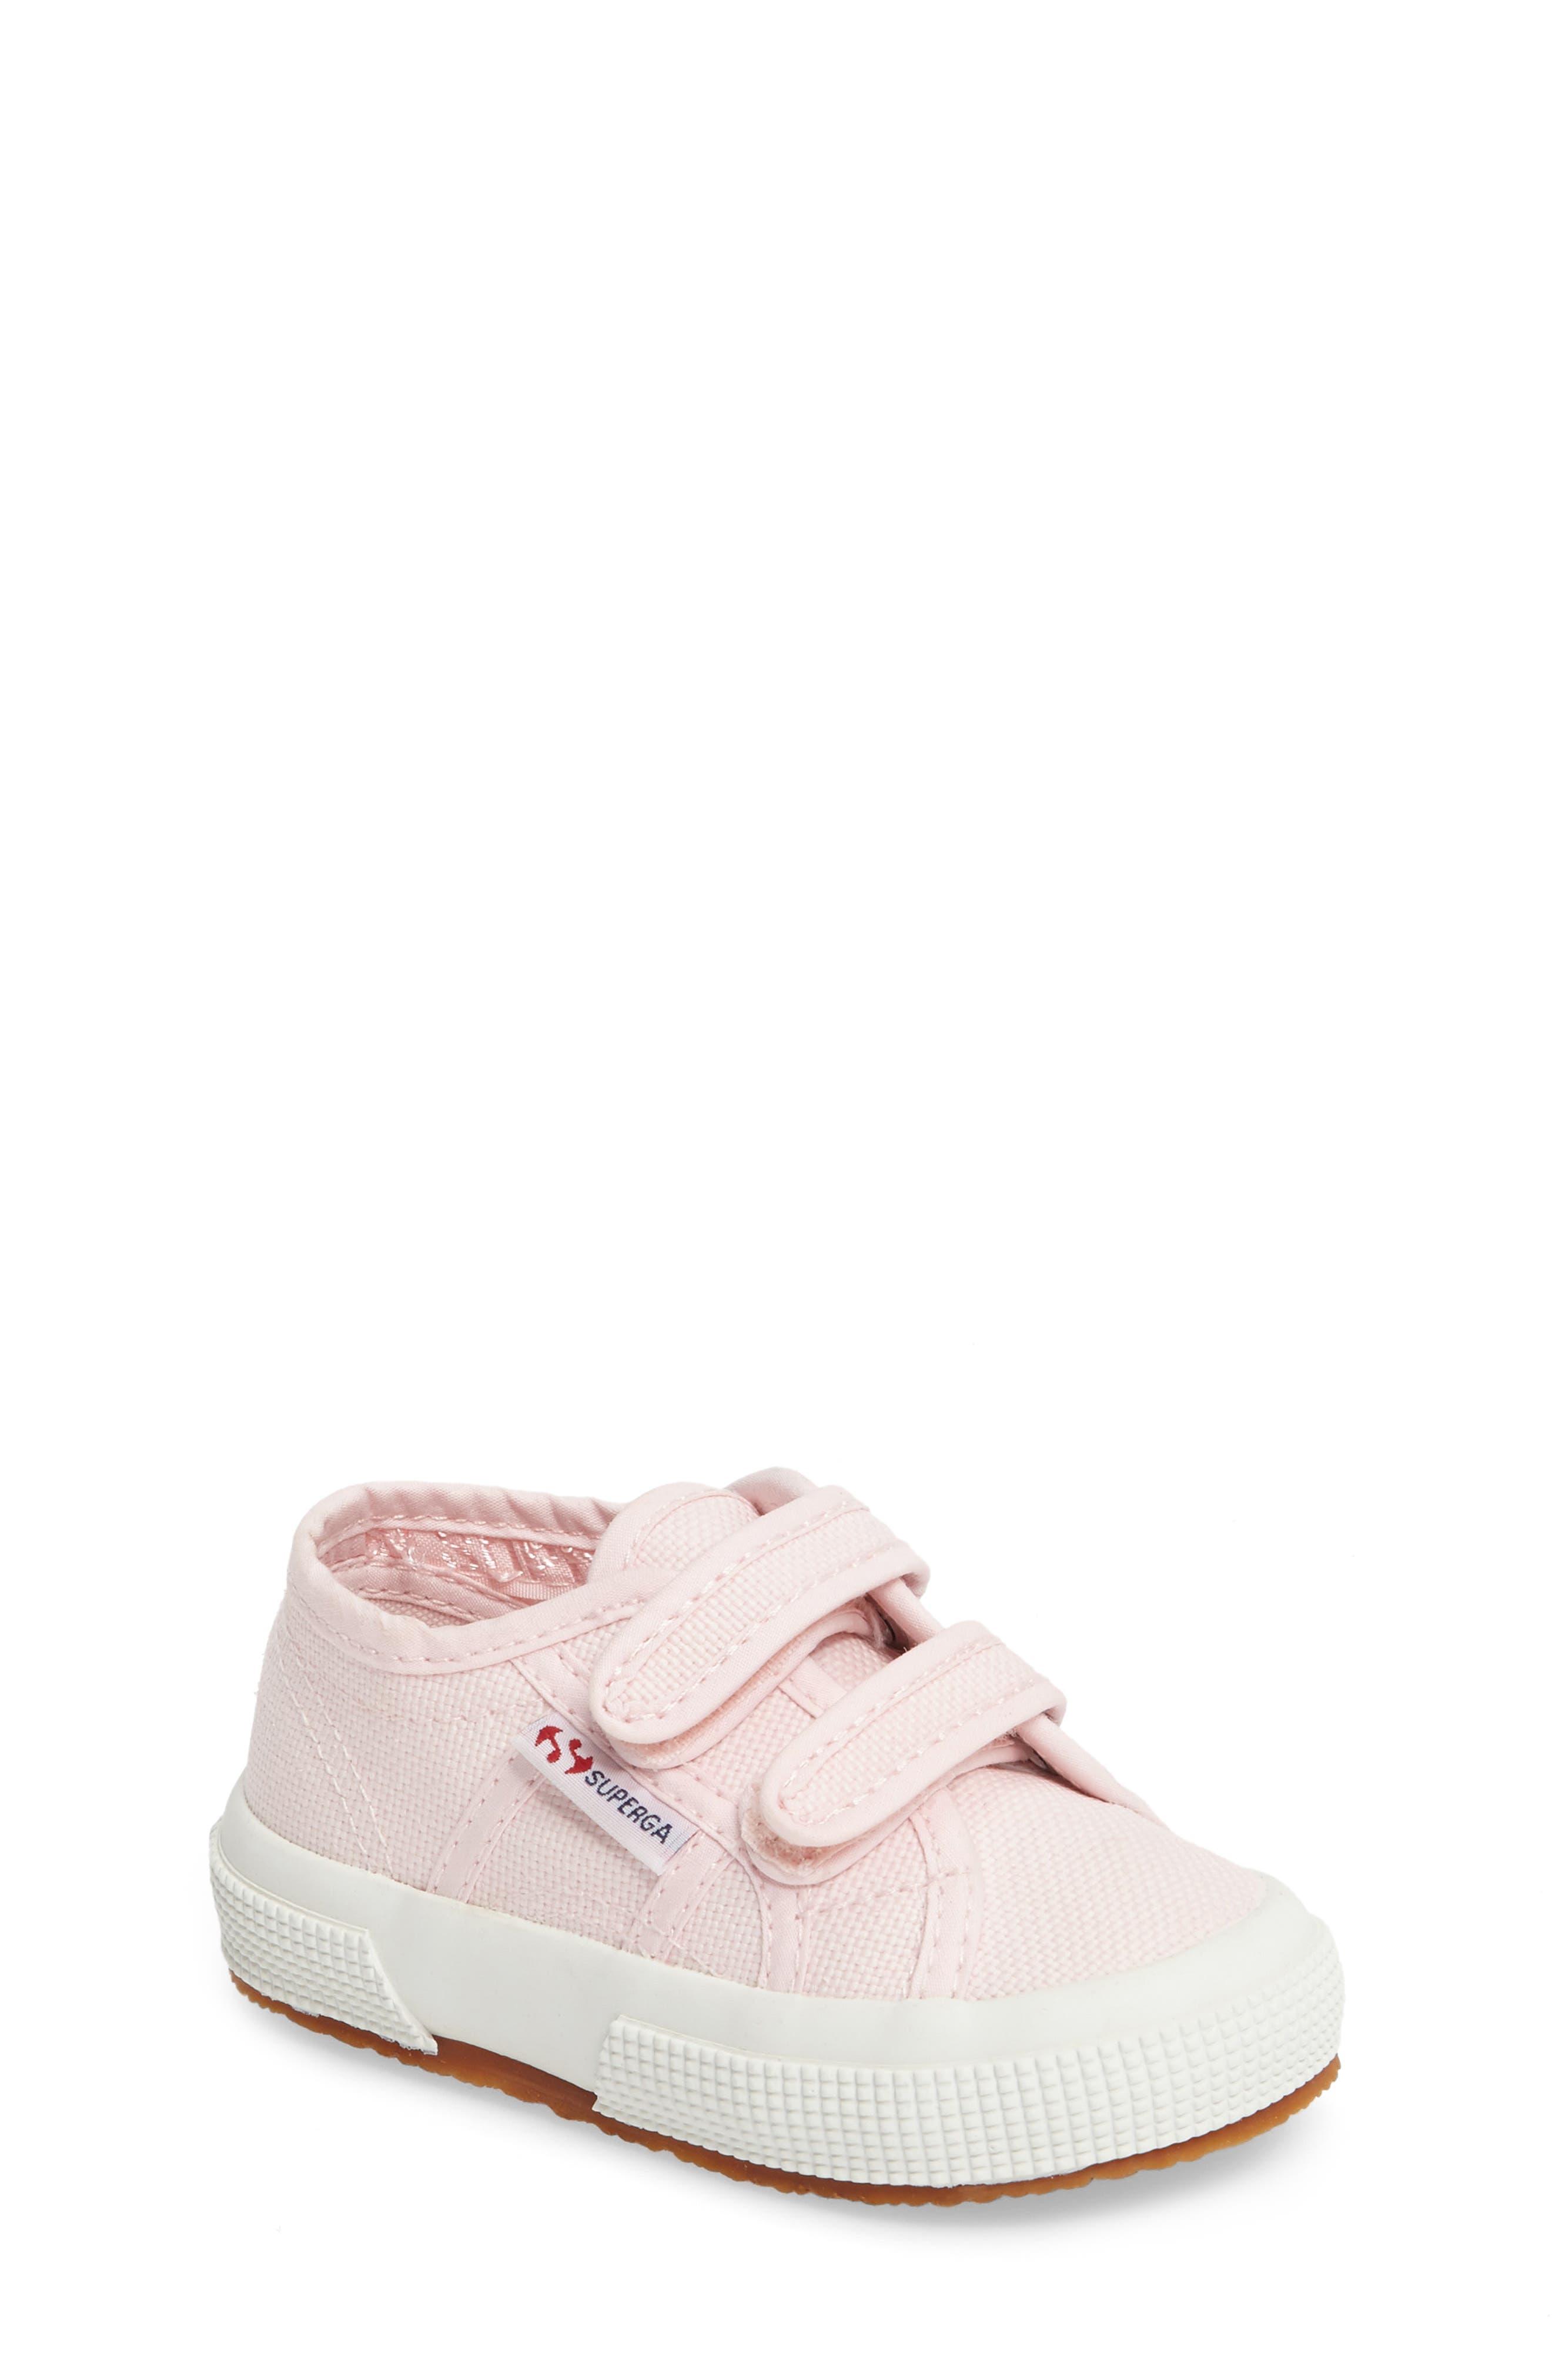 'Junior Classic' Sneaker,                             Main thumbnail 1, color,                             Pink